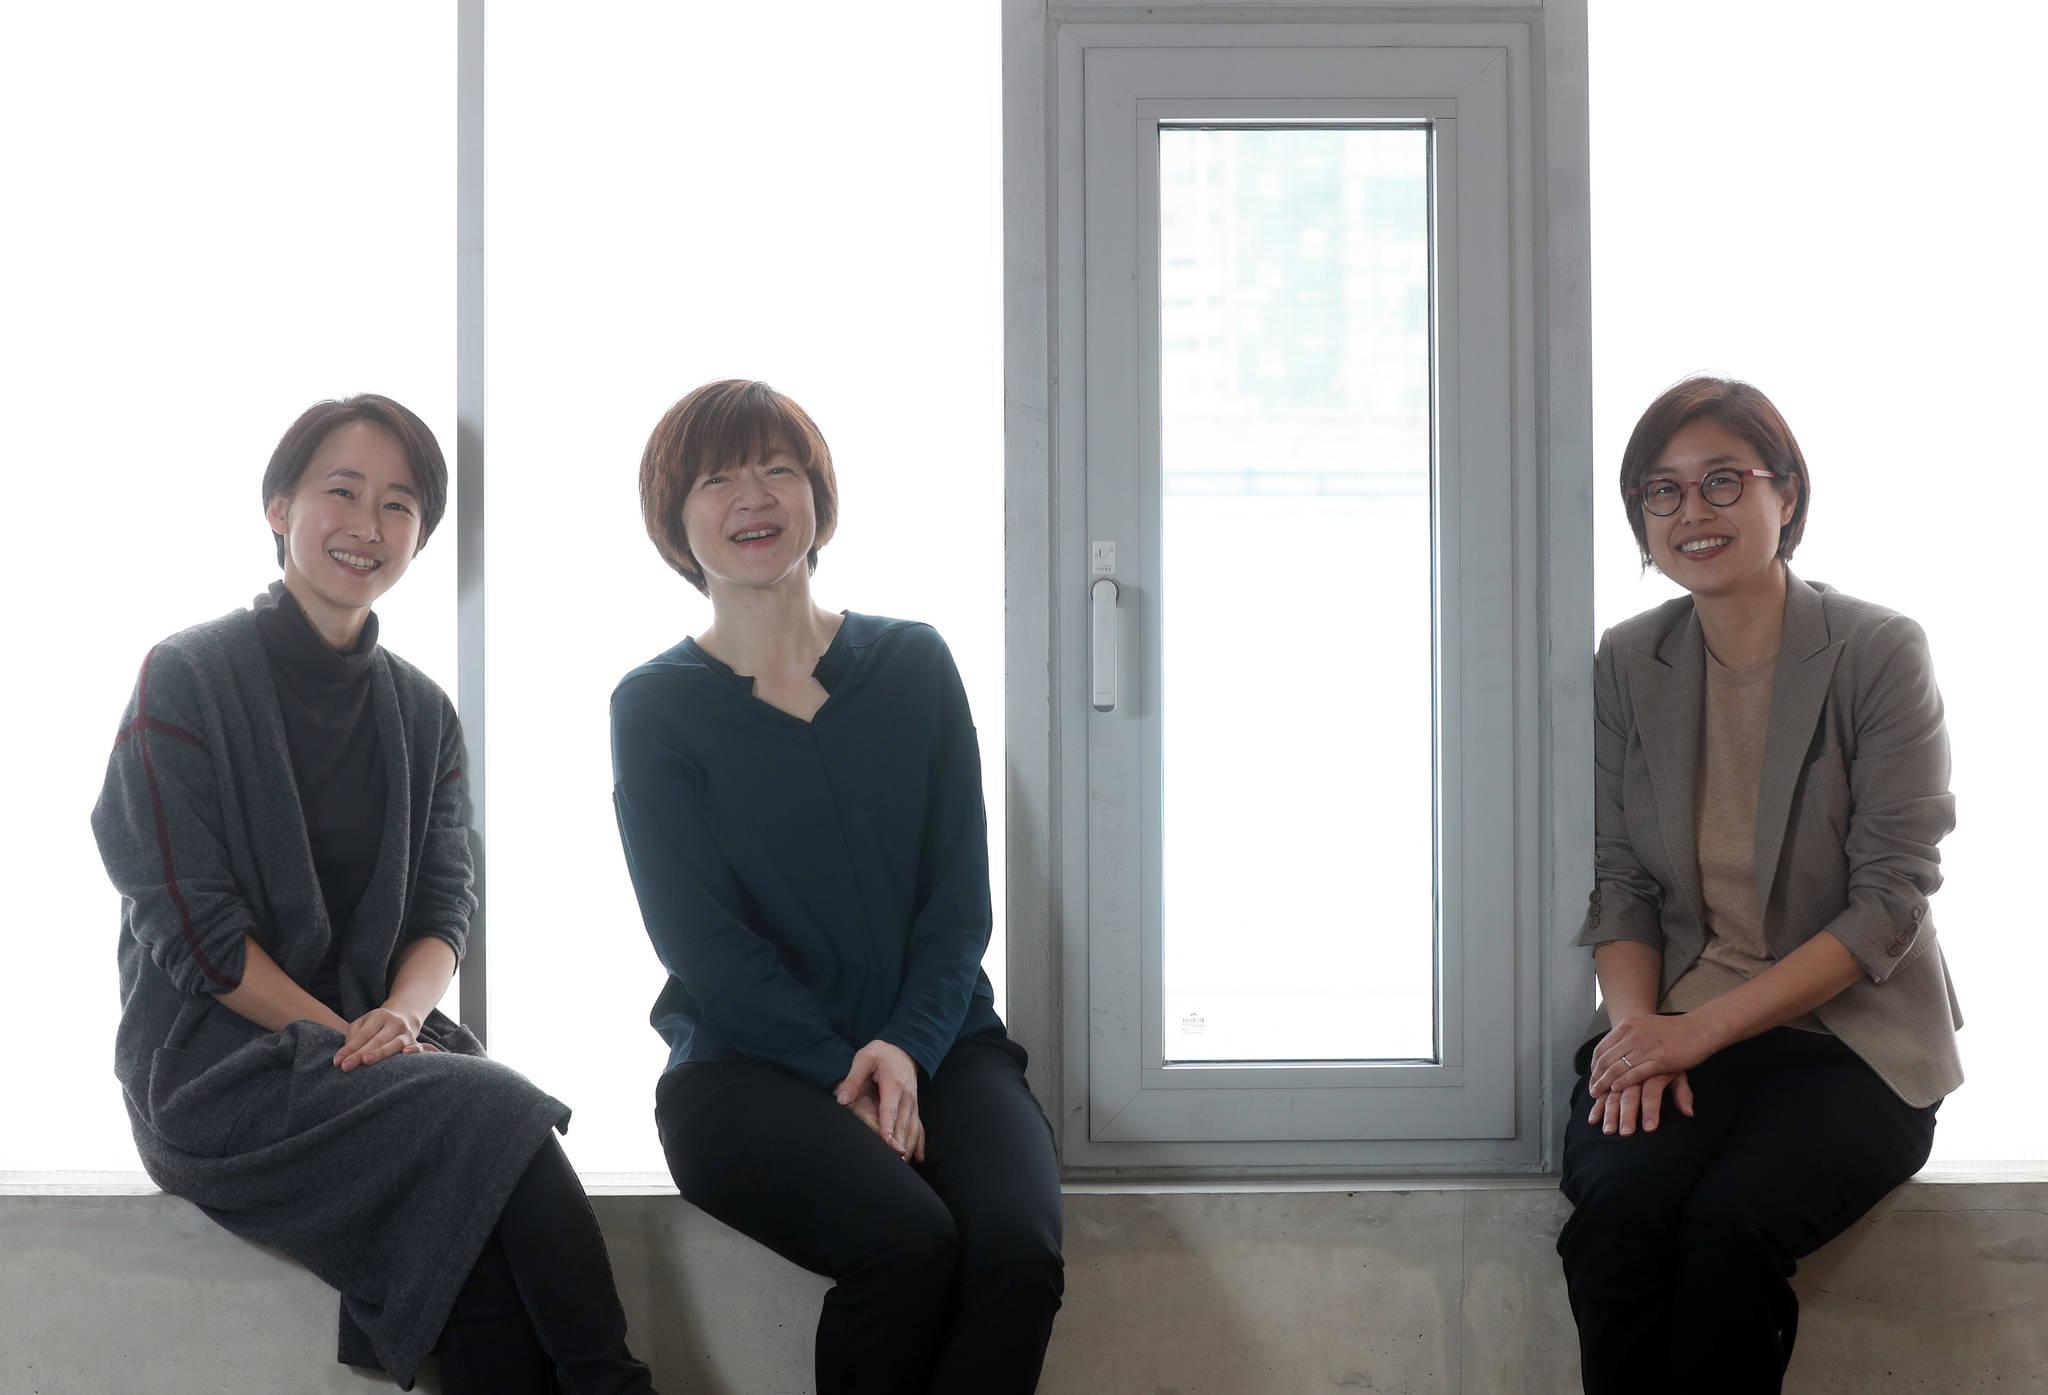 한국의 임팩트 투자를 이끄는 성수동의 여성 기업가 3인. (왼쪽부터)박소륜 HG이니셔티브 전략이사, 제현주 옐로우독 대표, 엄윤미 C프로그램 대표. 강정현 기자 .